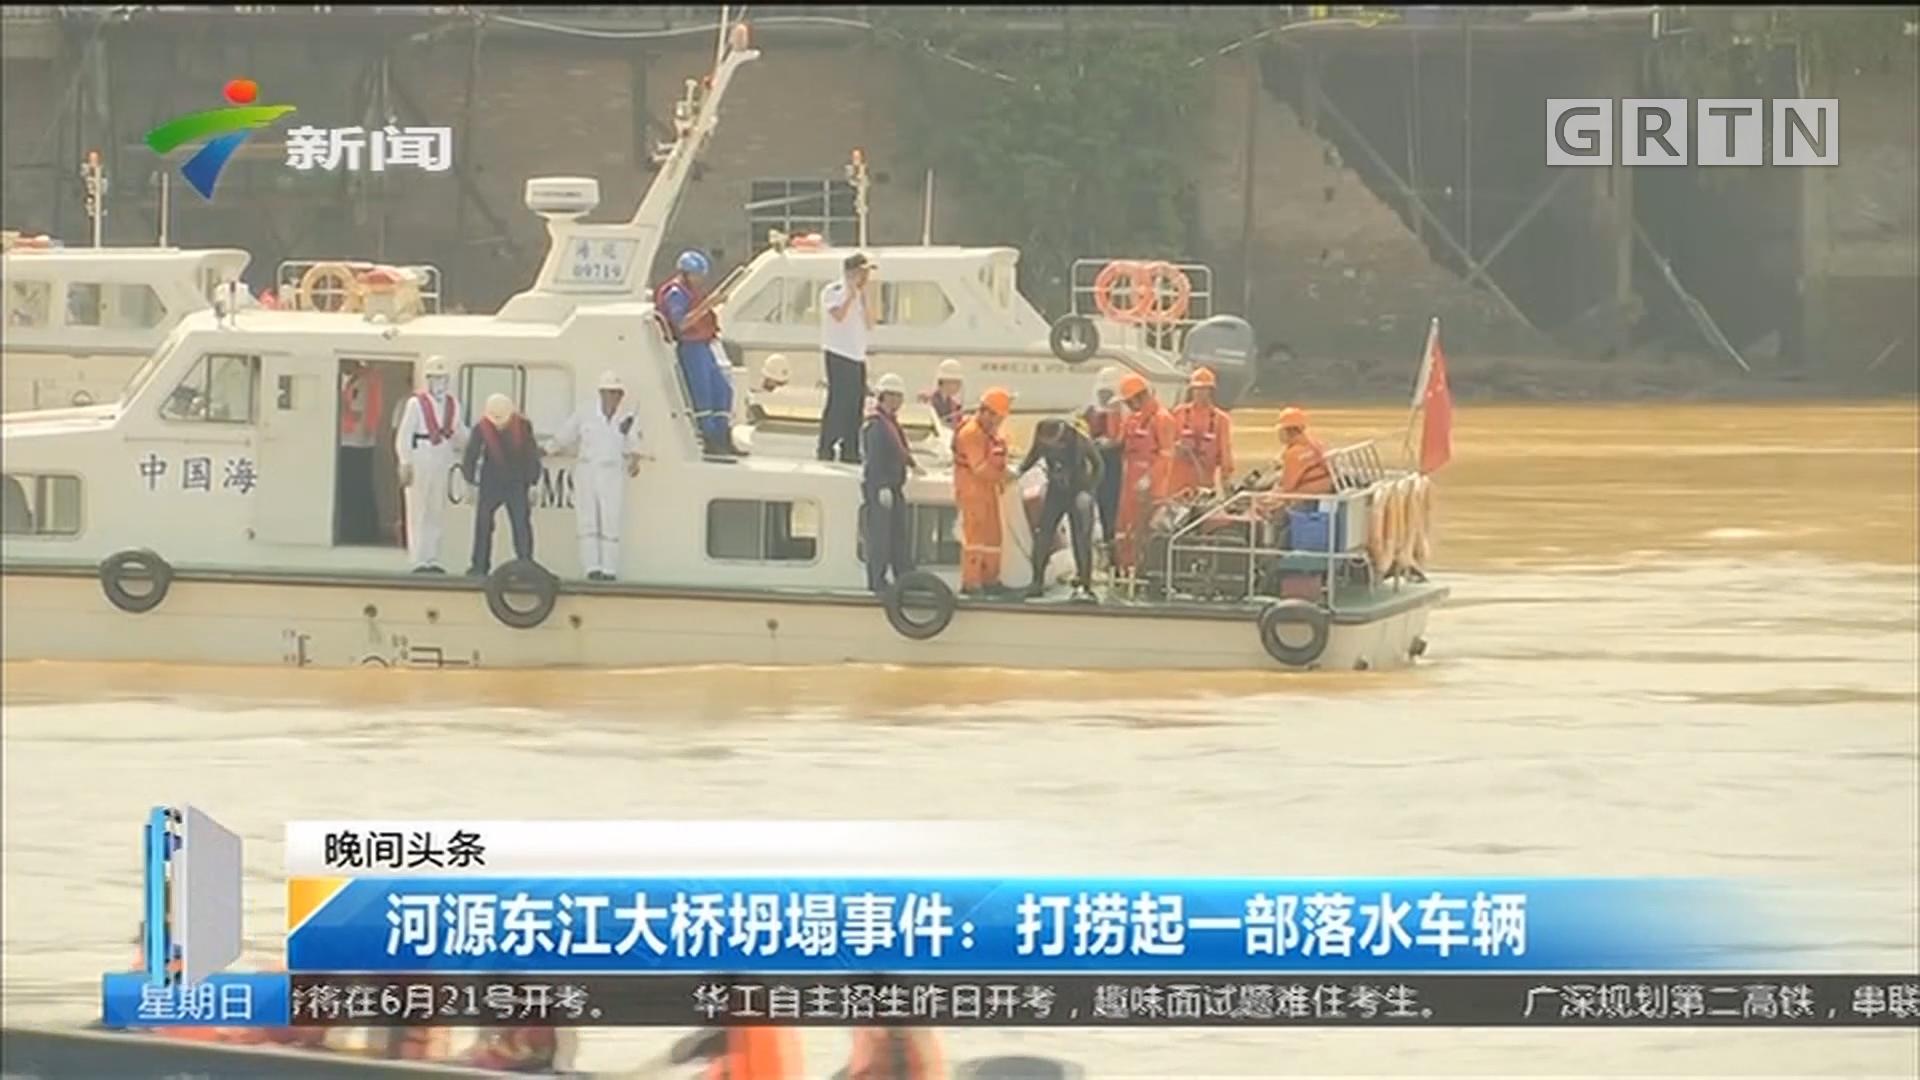 河源东江大桥坍塌事件:打捞起一部落水车辆